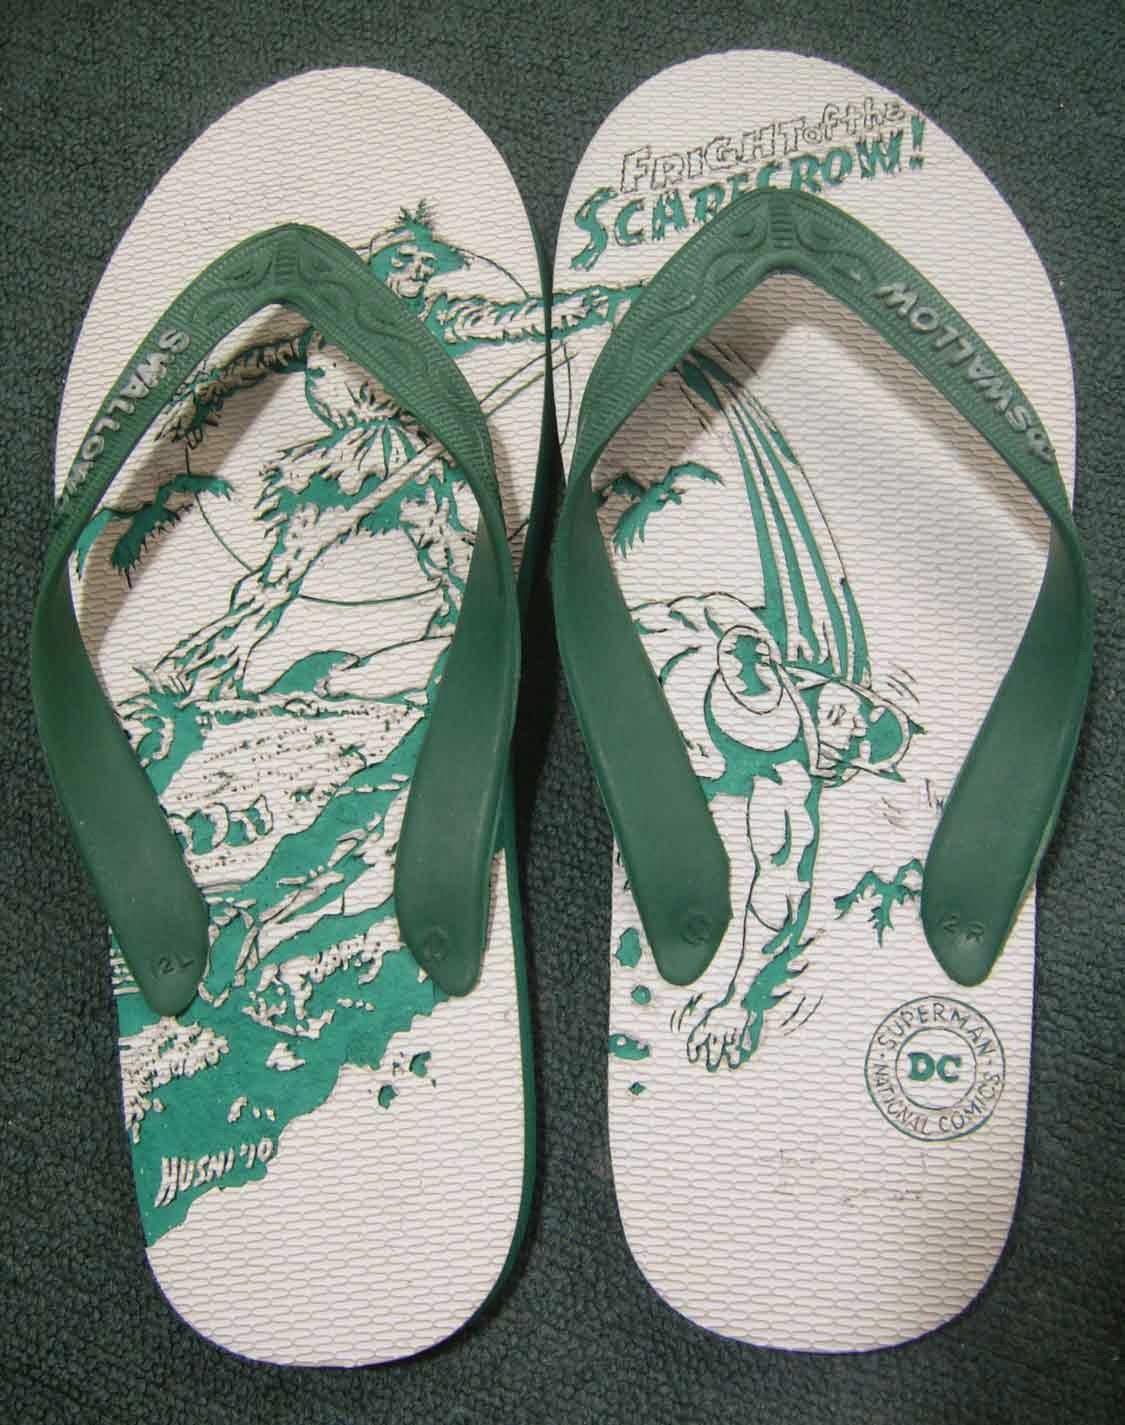 Contoh Gambar Sandal Jepit Dengan Ukiran